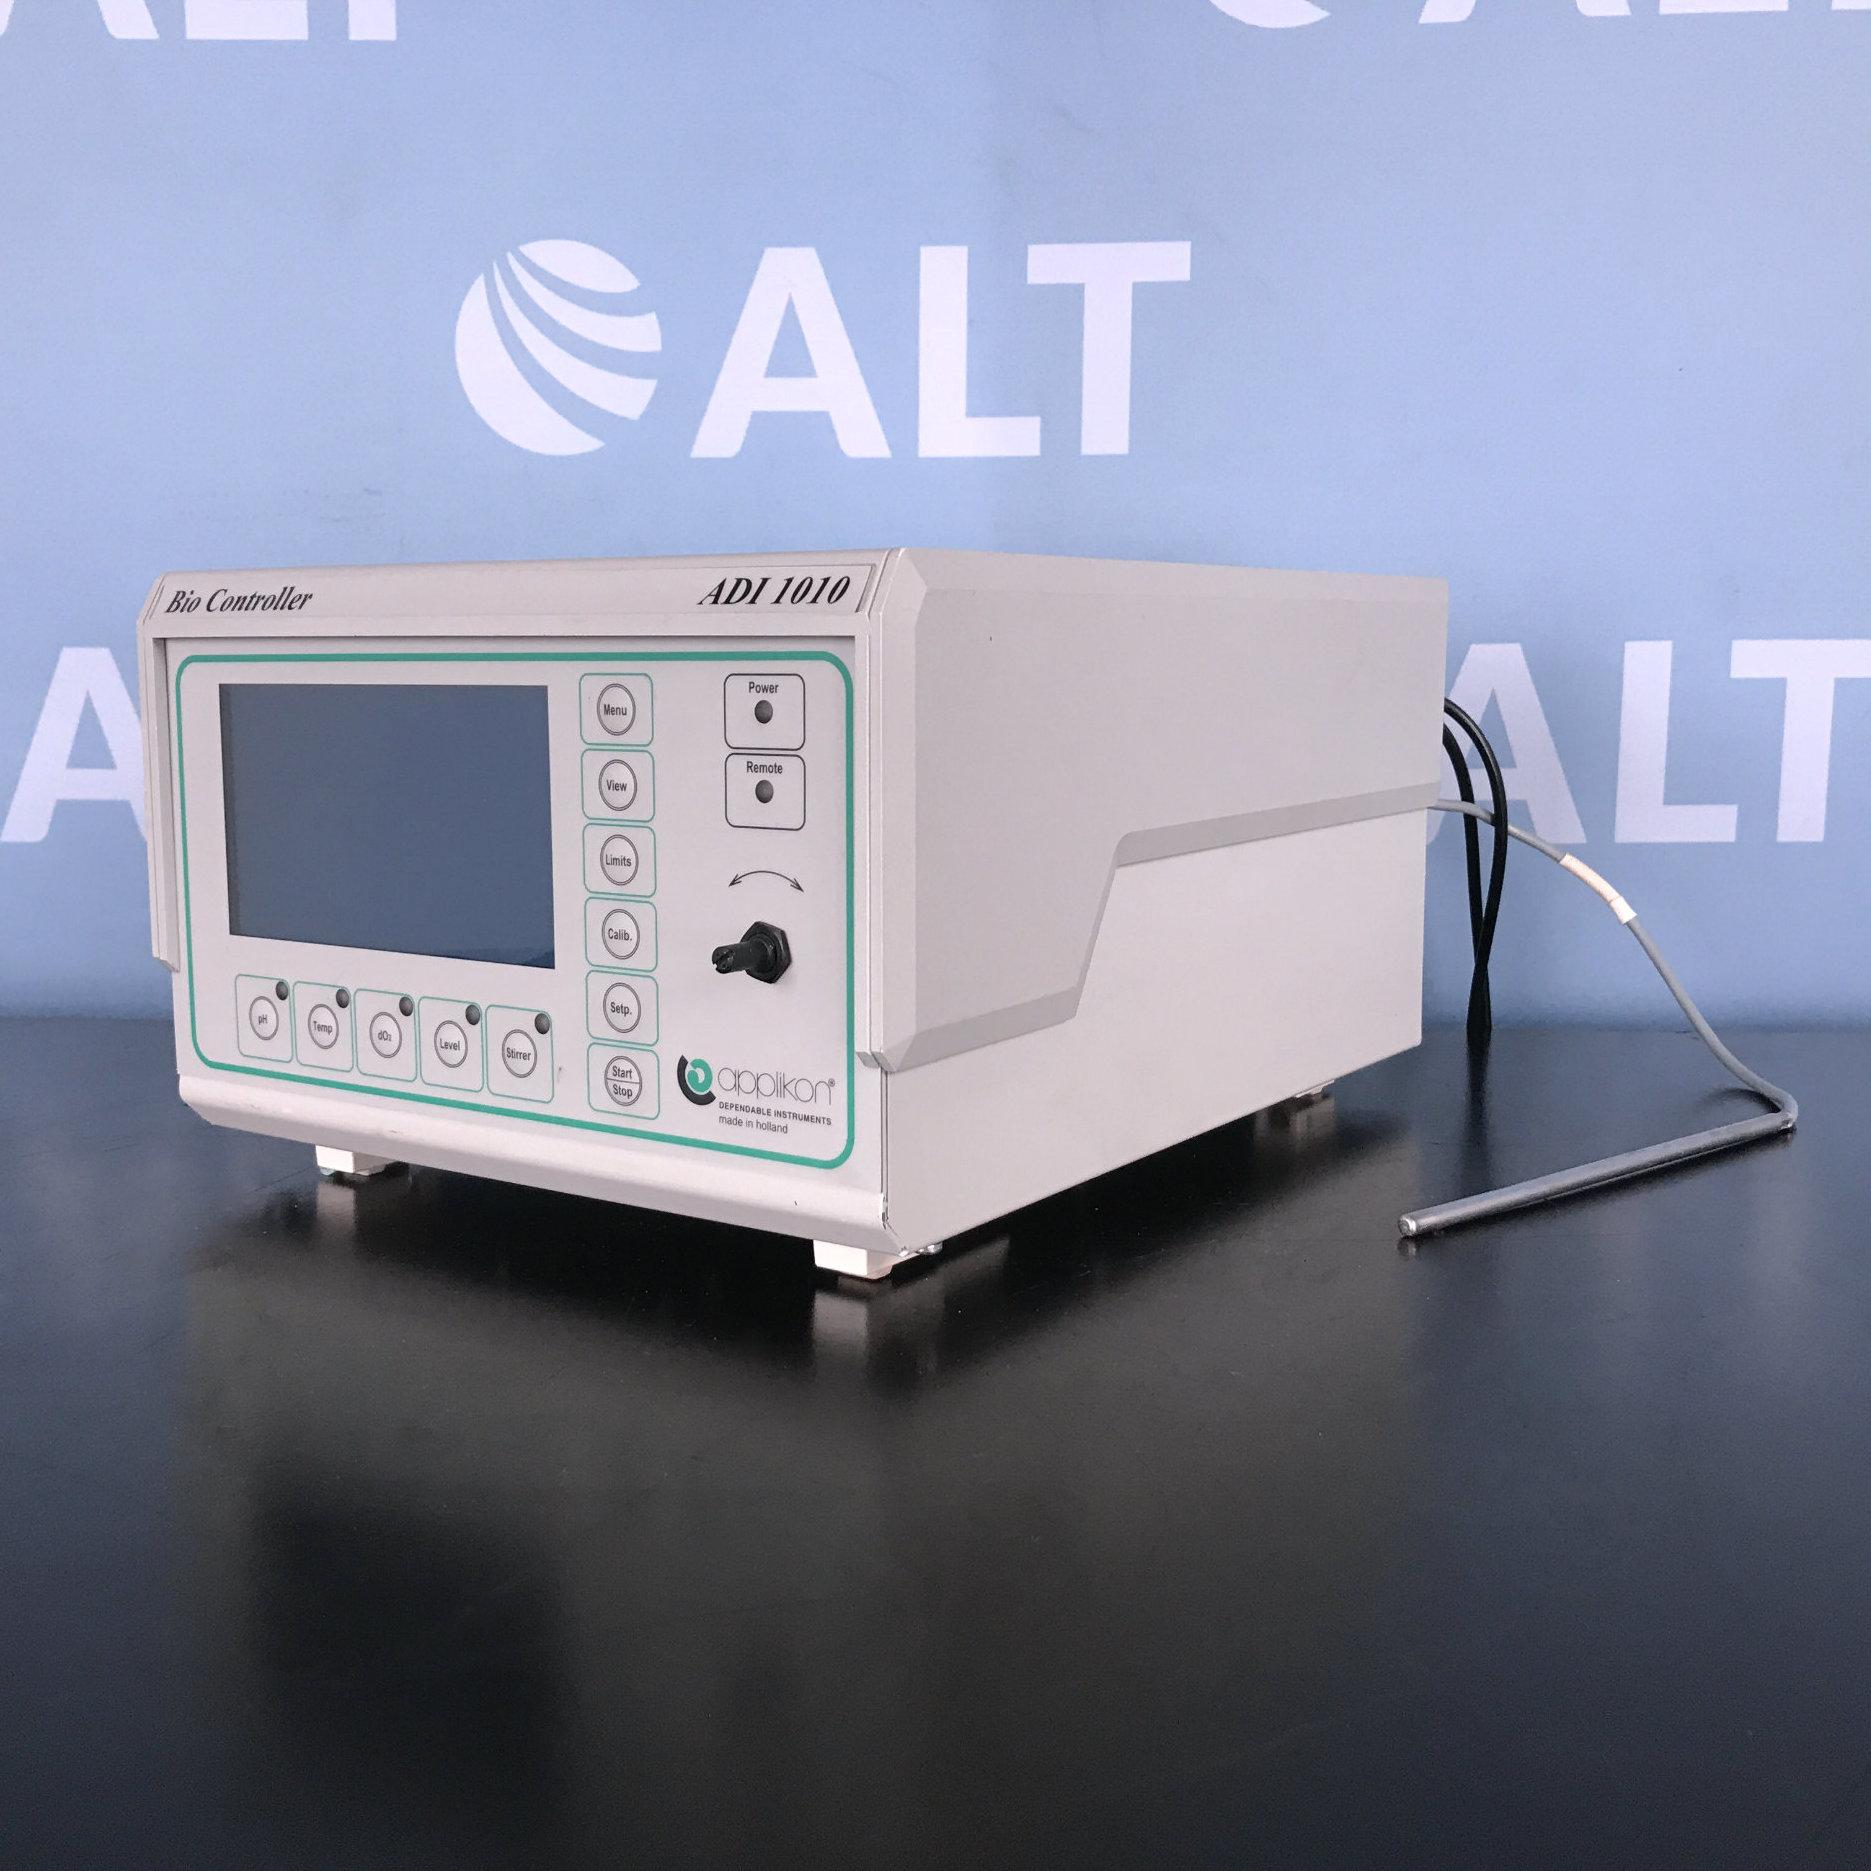 Applikon Biotechnology ADI 1010 Bio Controller Image